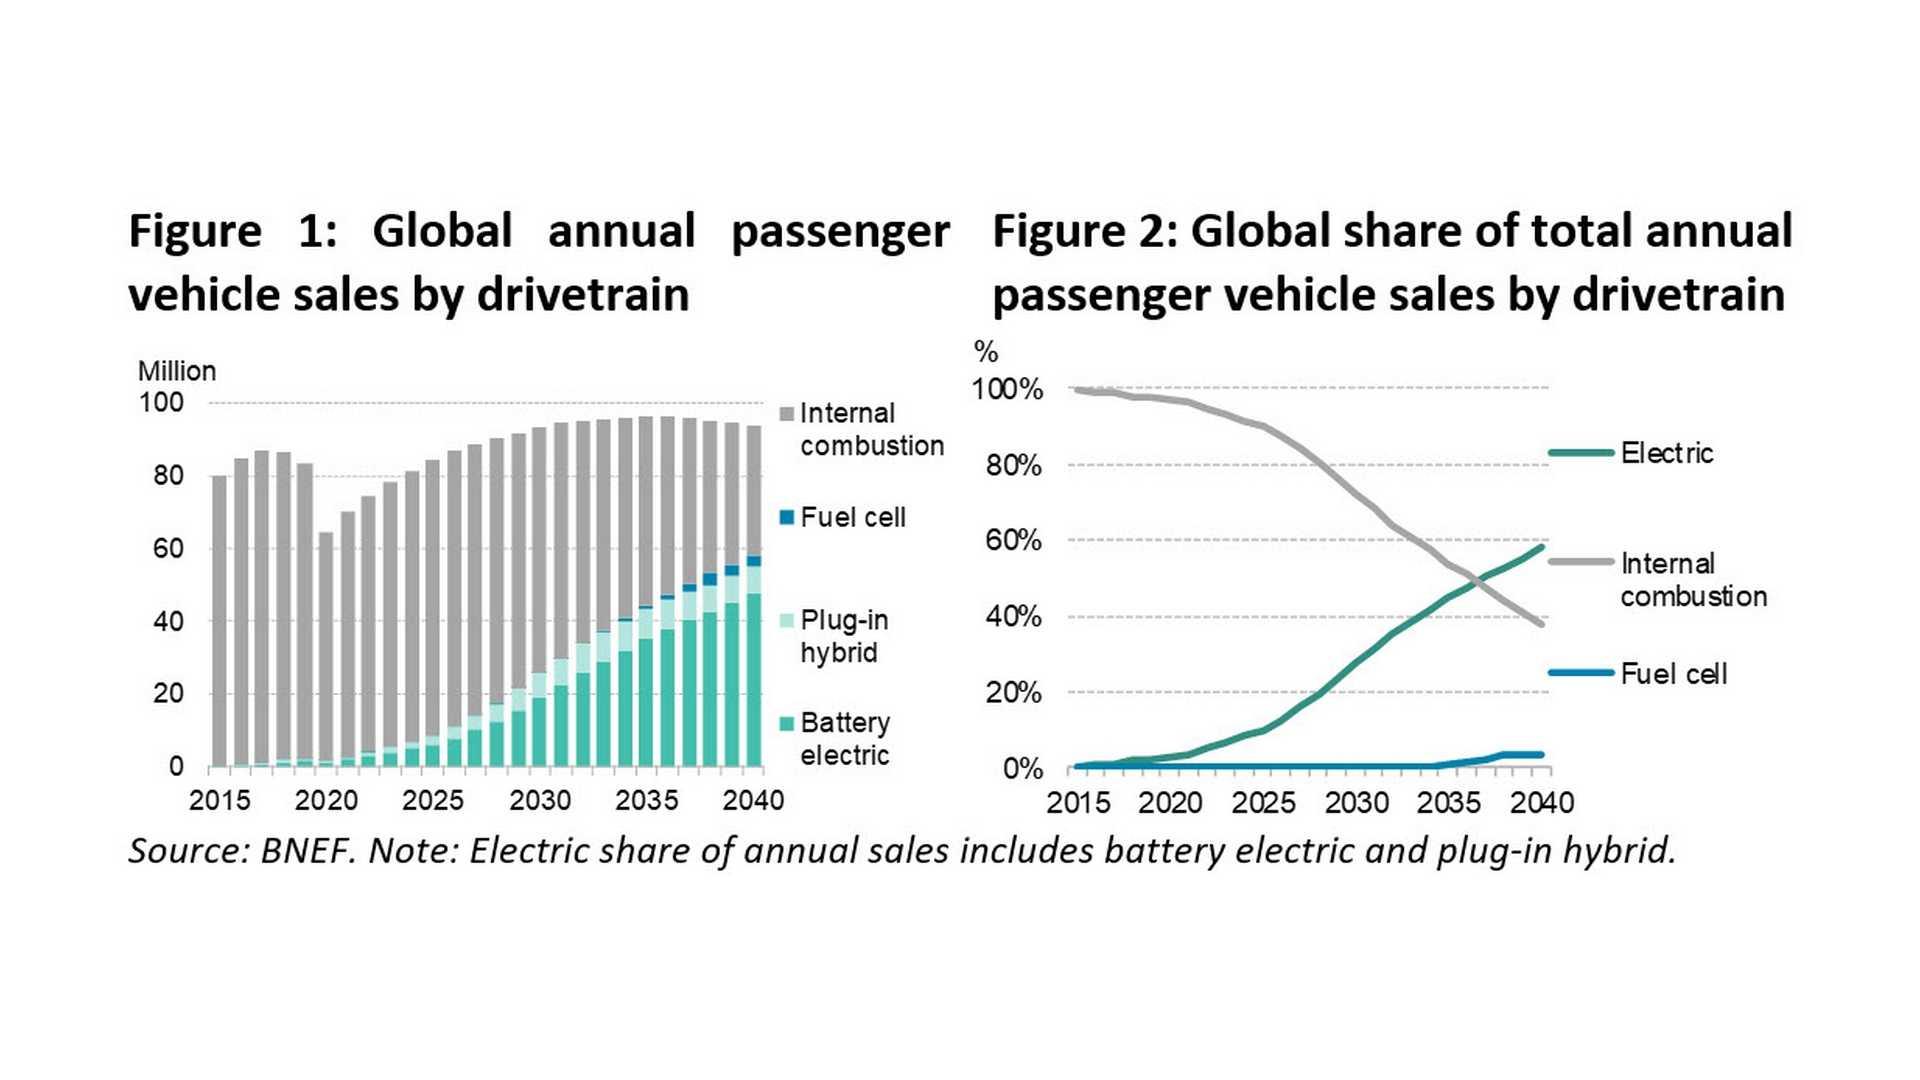 В общие времена сокращения продаж доля рынка EV будет расти за счет снижения